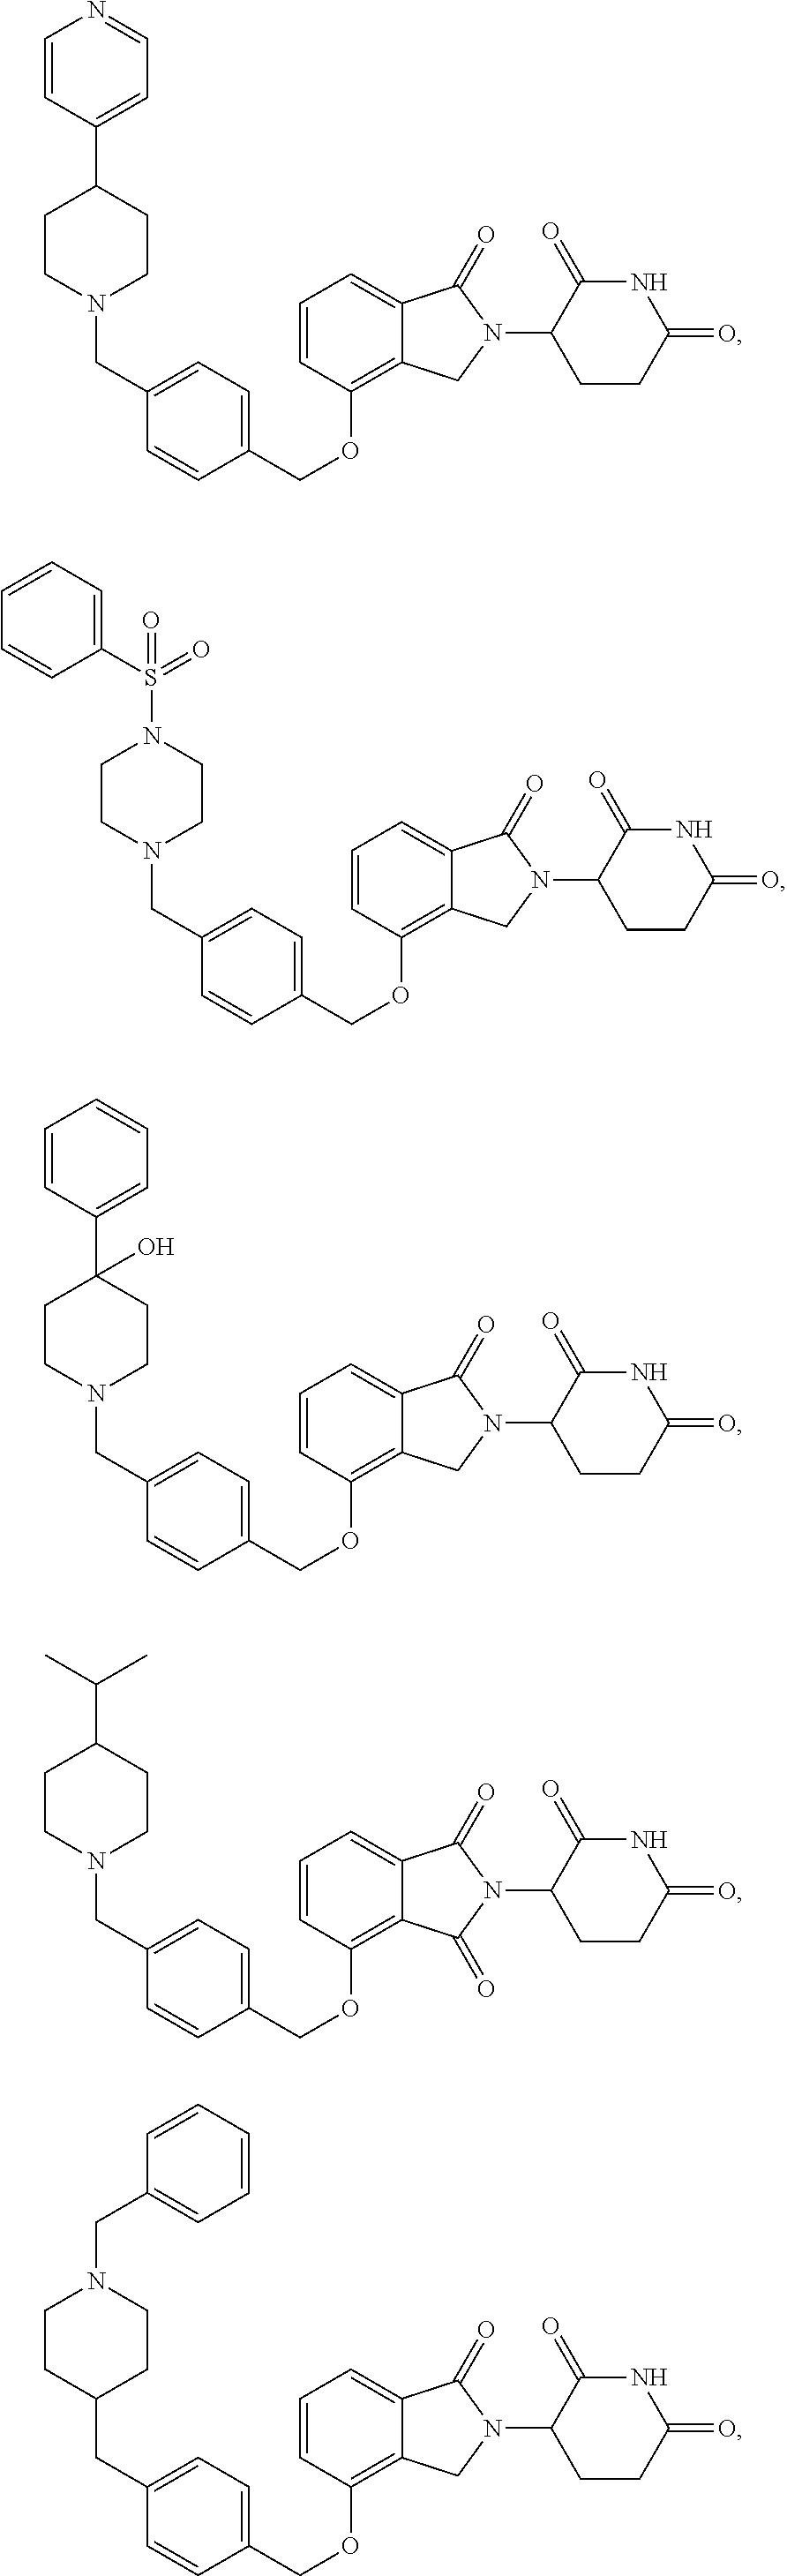 Figure US09587281-20170307-C00087